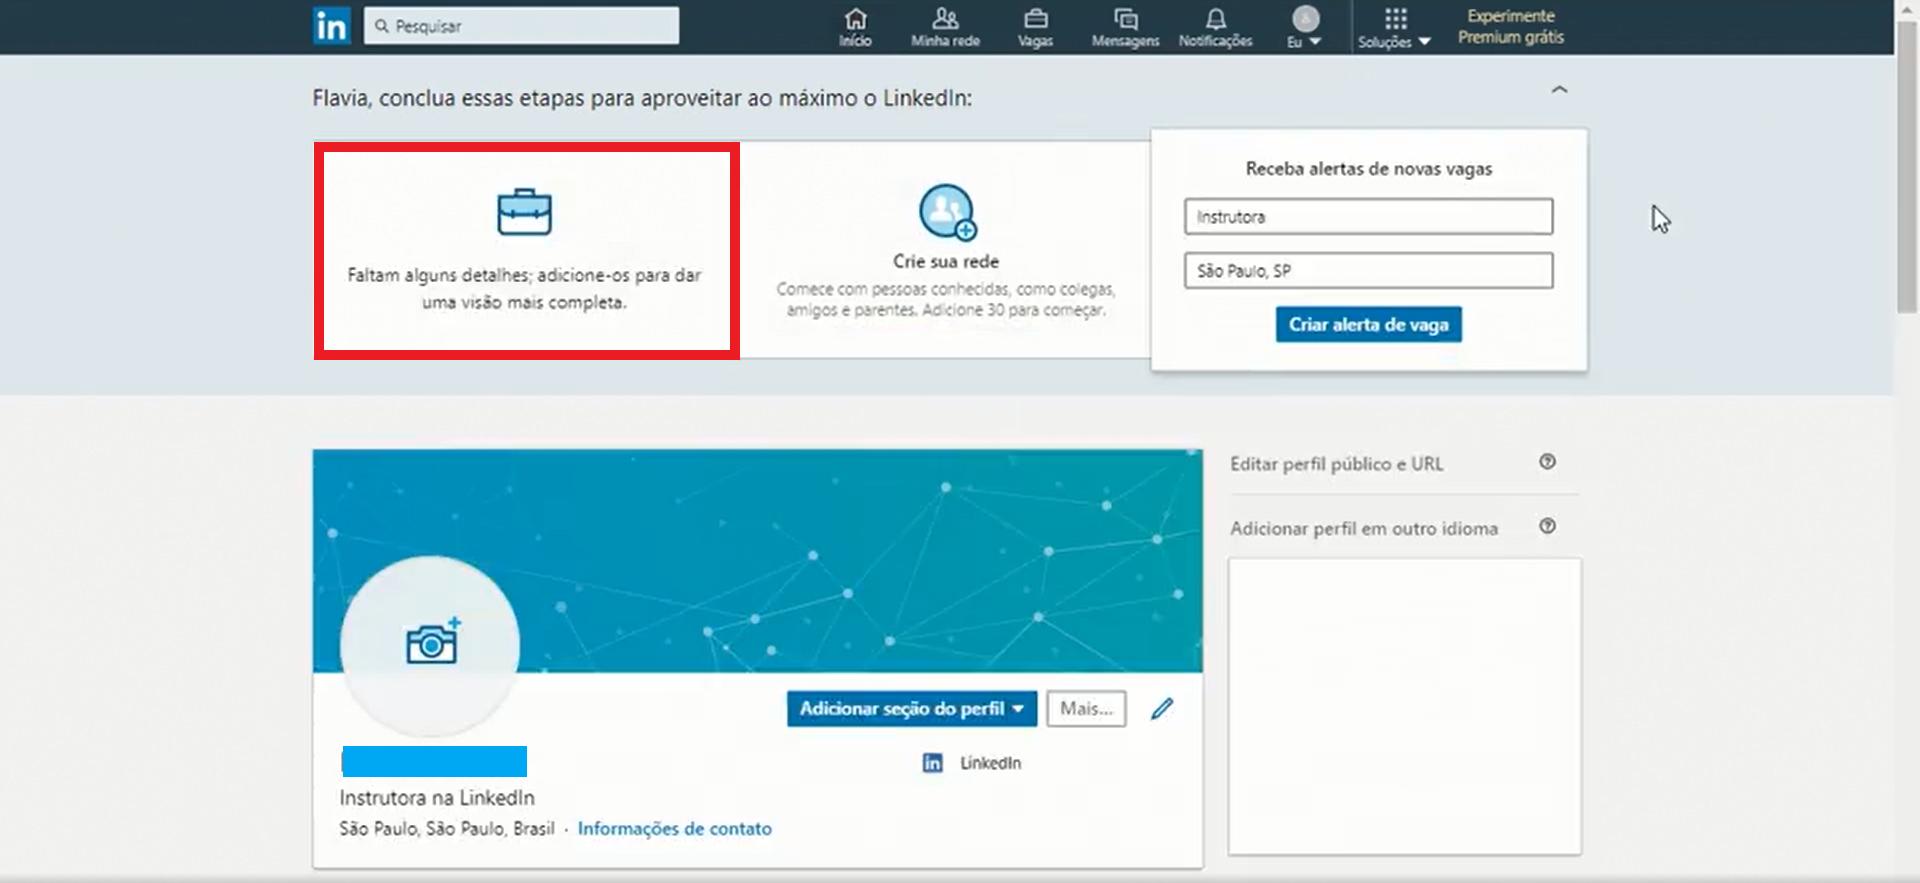 O próprio mecanismo do LinkedIn vai indicar que campos você ainda deve preencher para completar seu perfil (Foto: Reprodução)